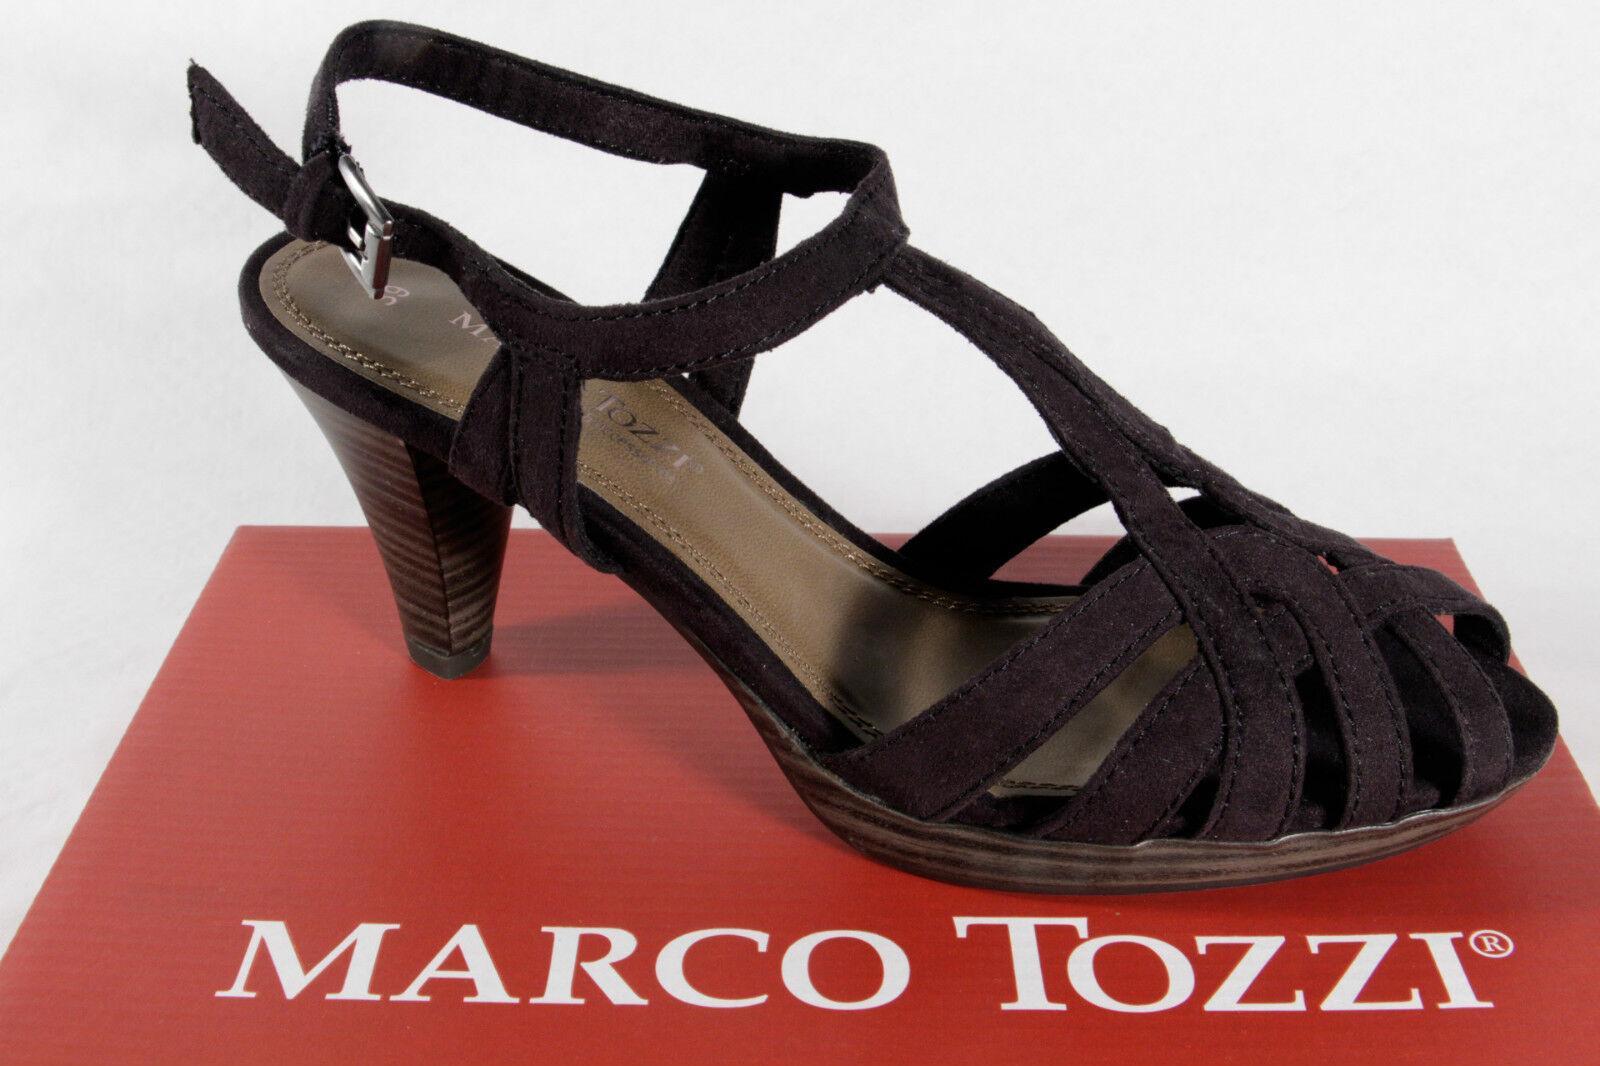 Marco Tozzi Sandalia Mujer, Negro, Aspecto de ante, Suela de Goma, Nuevo